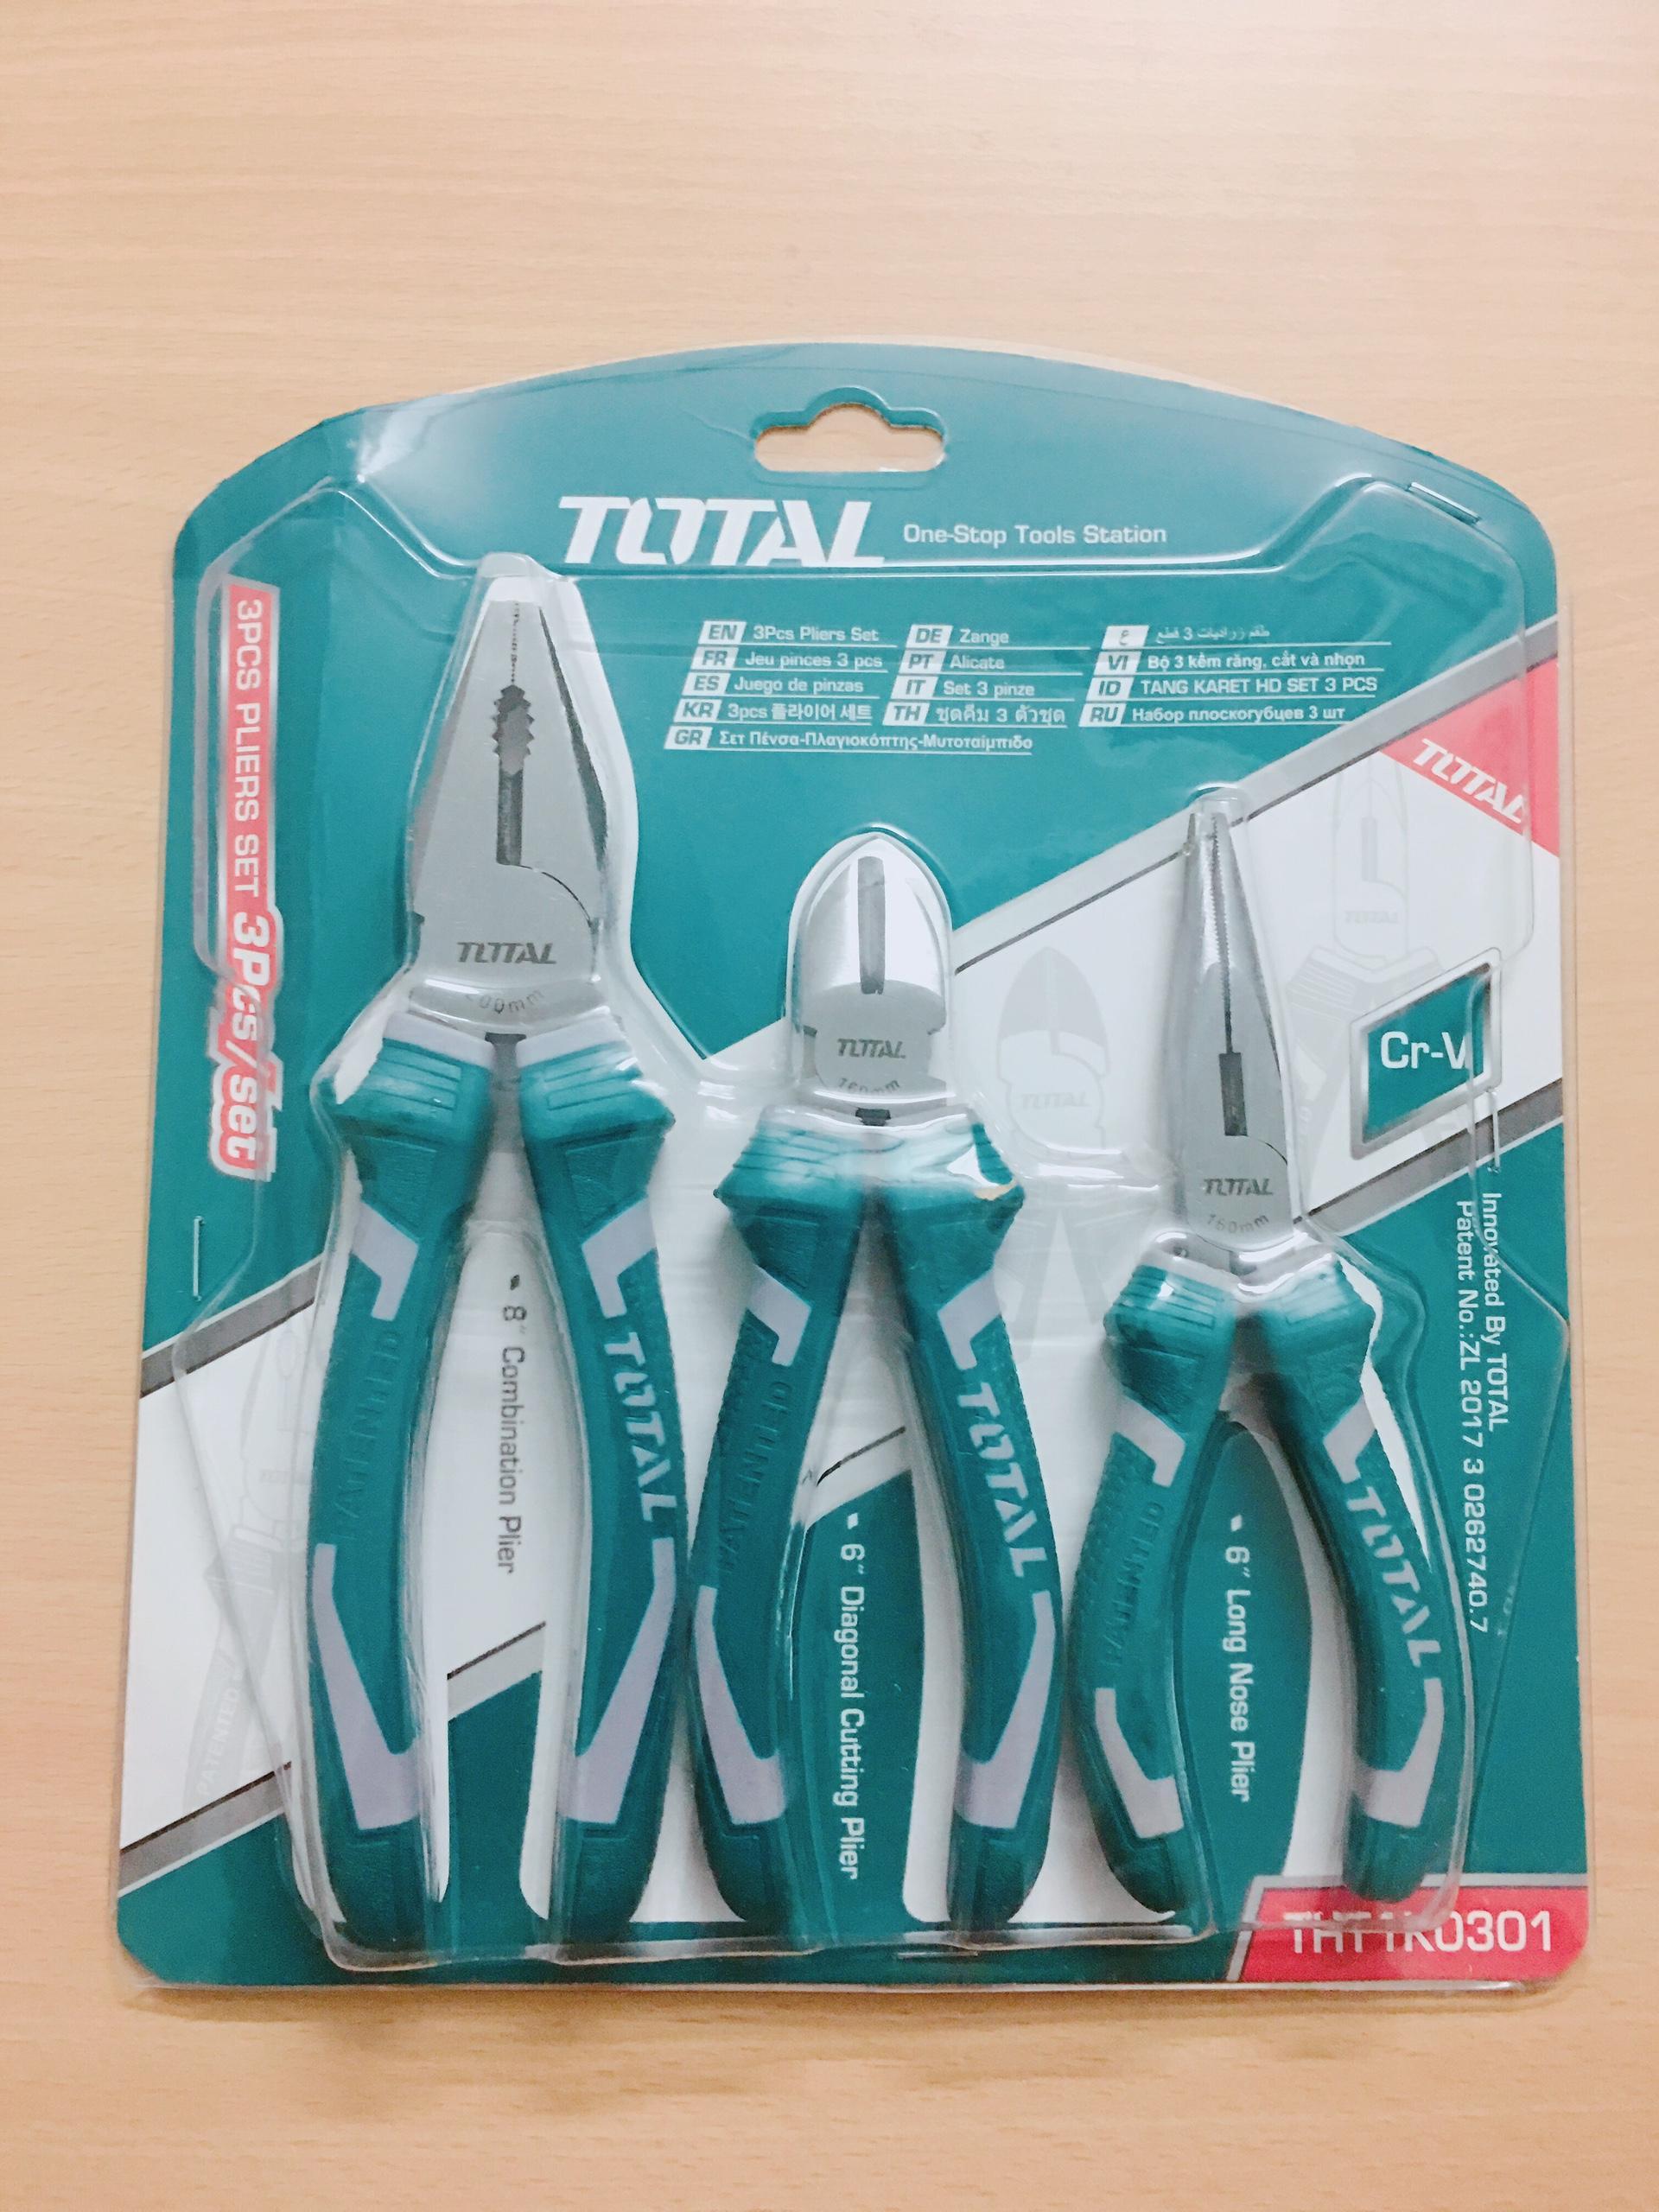 Bộ kìm cắt, kìm răng và kìm mỏ dài 3 chi tiết Total THT1K0301